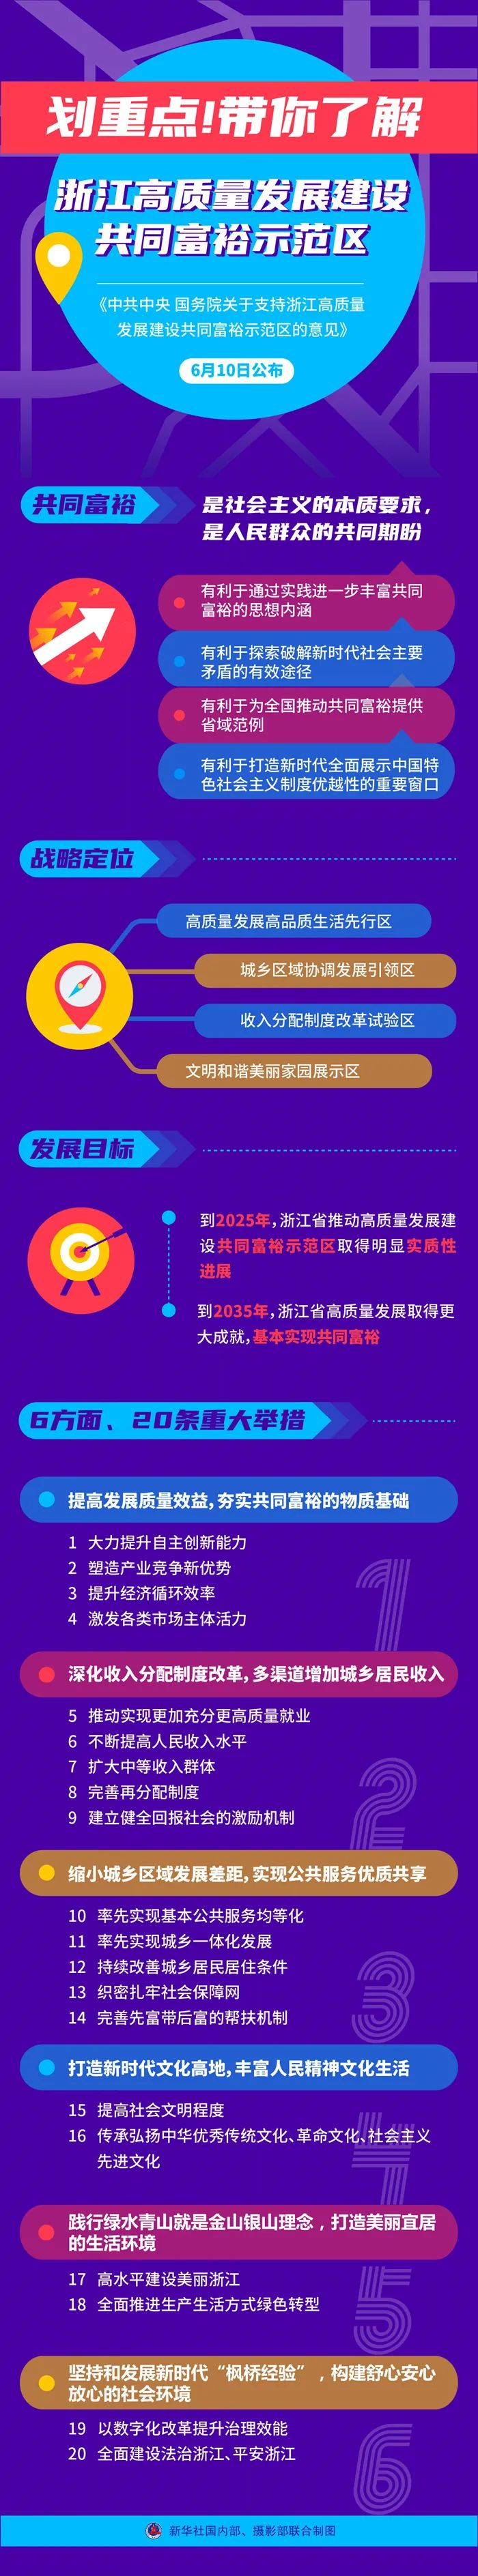 天辰在线平台中央放大招:共同富裕示范区来了!8问8答为什么是浙江 这些A股有望受益!